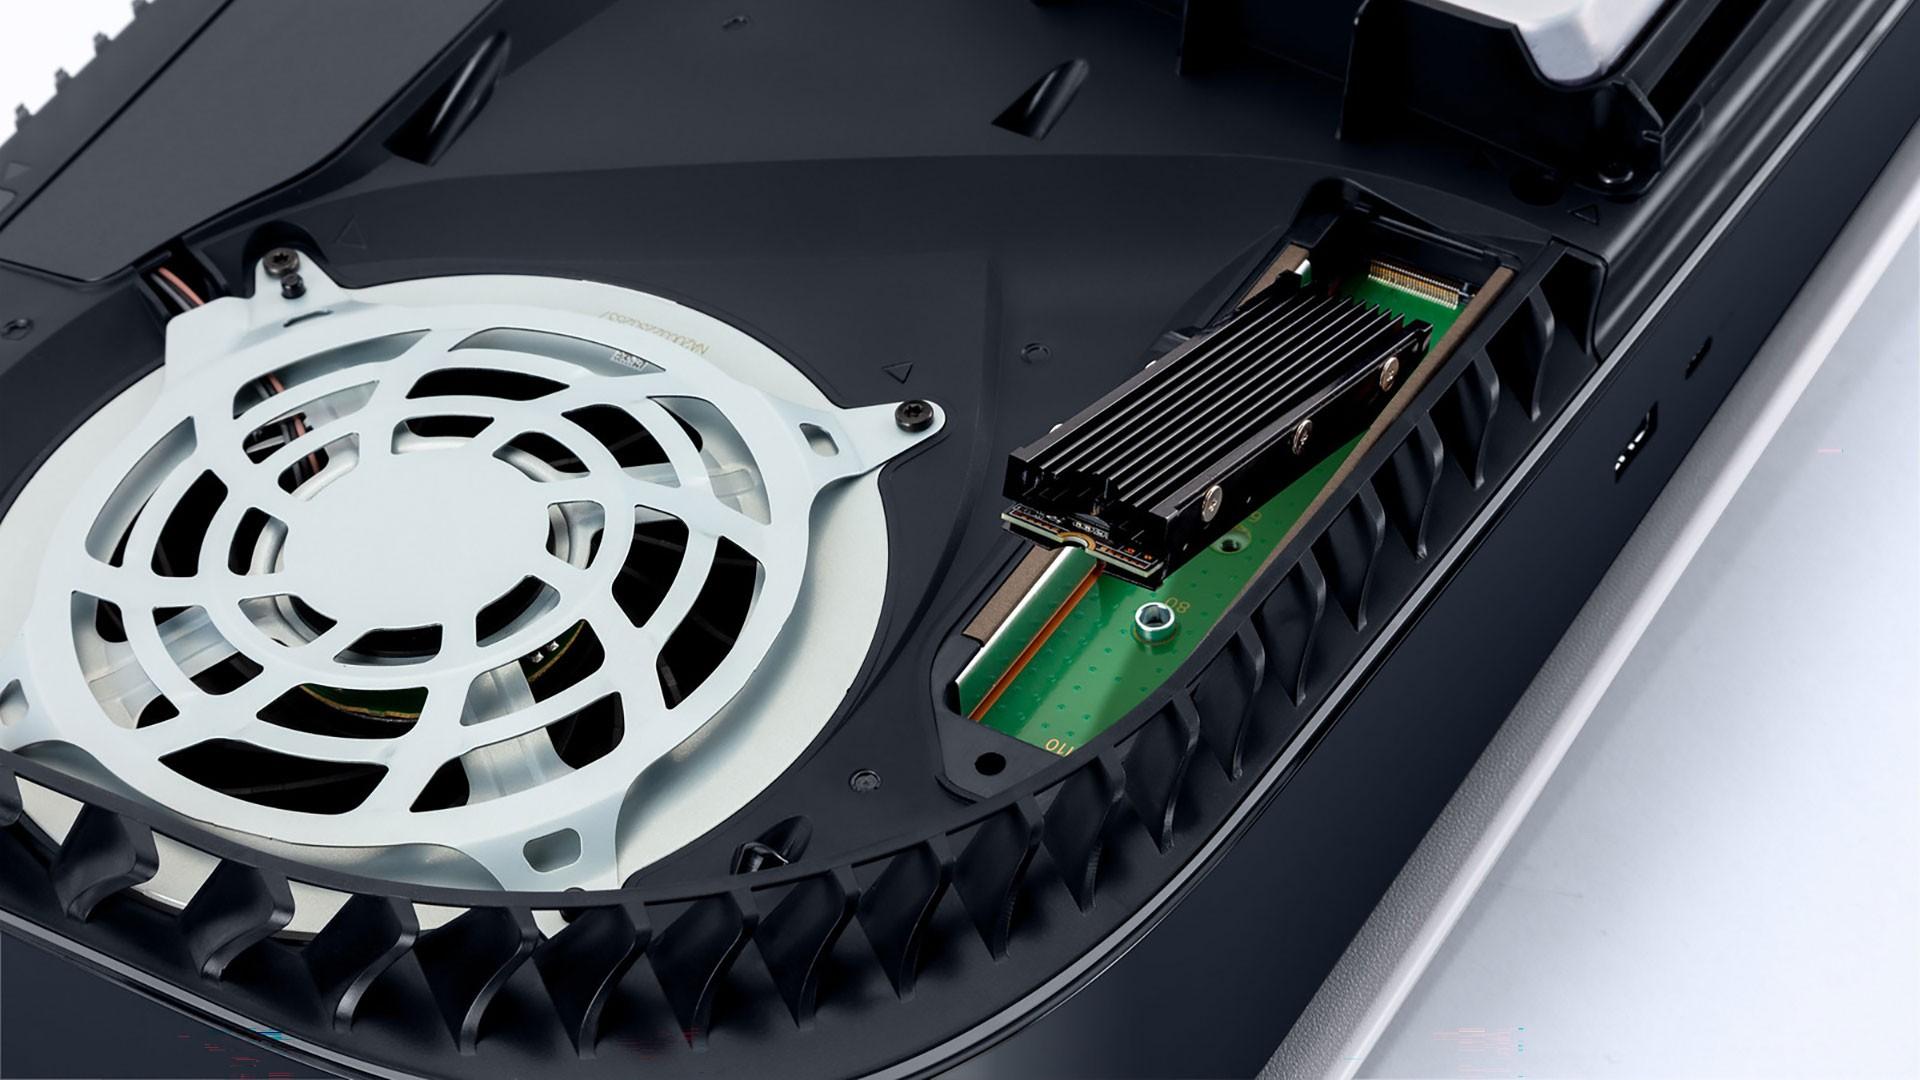 كيف تقوم بإضافة SSD خارجي للـ PS5؟